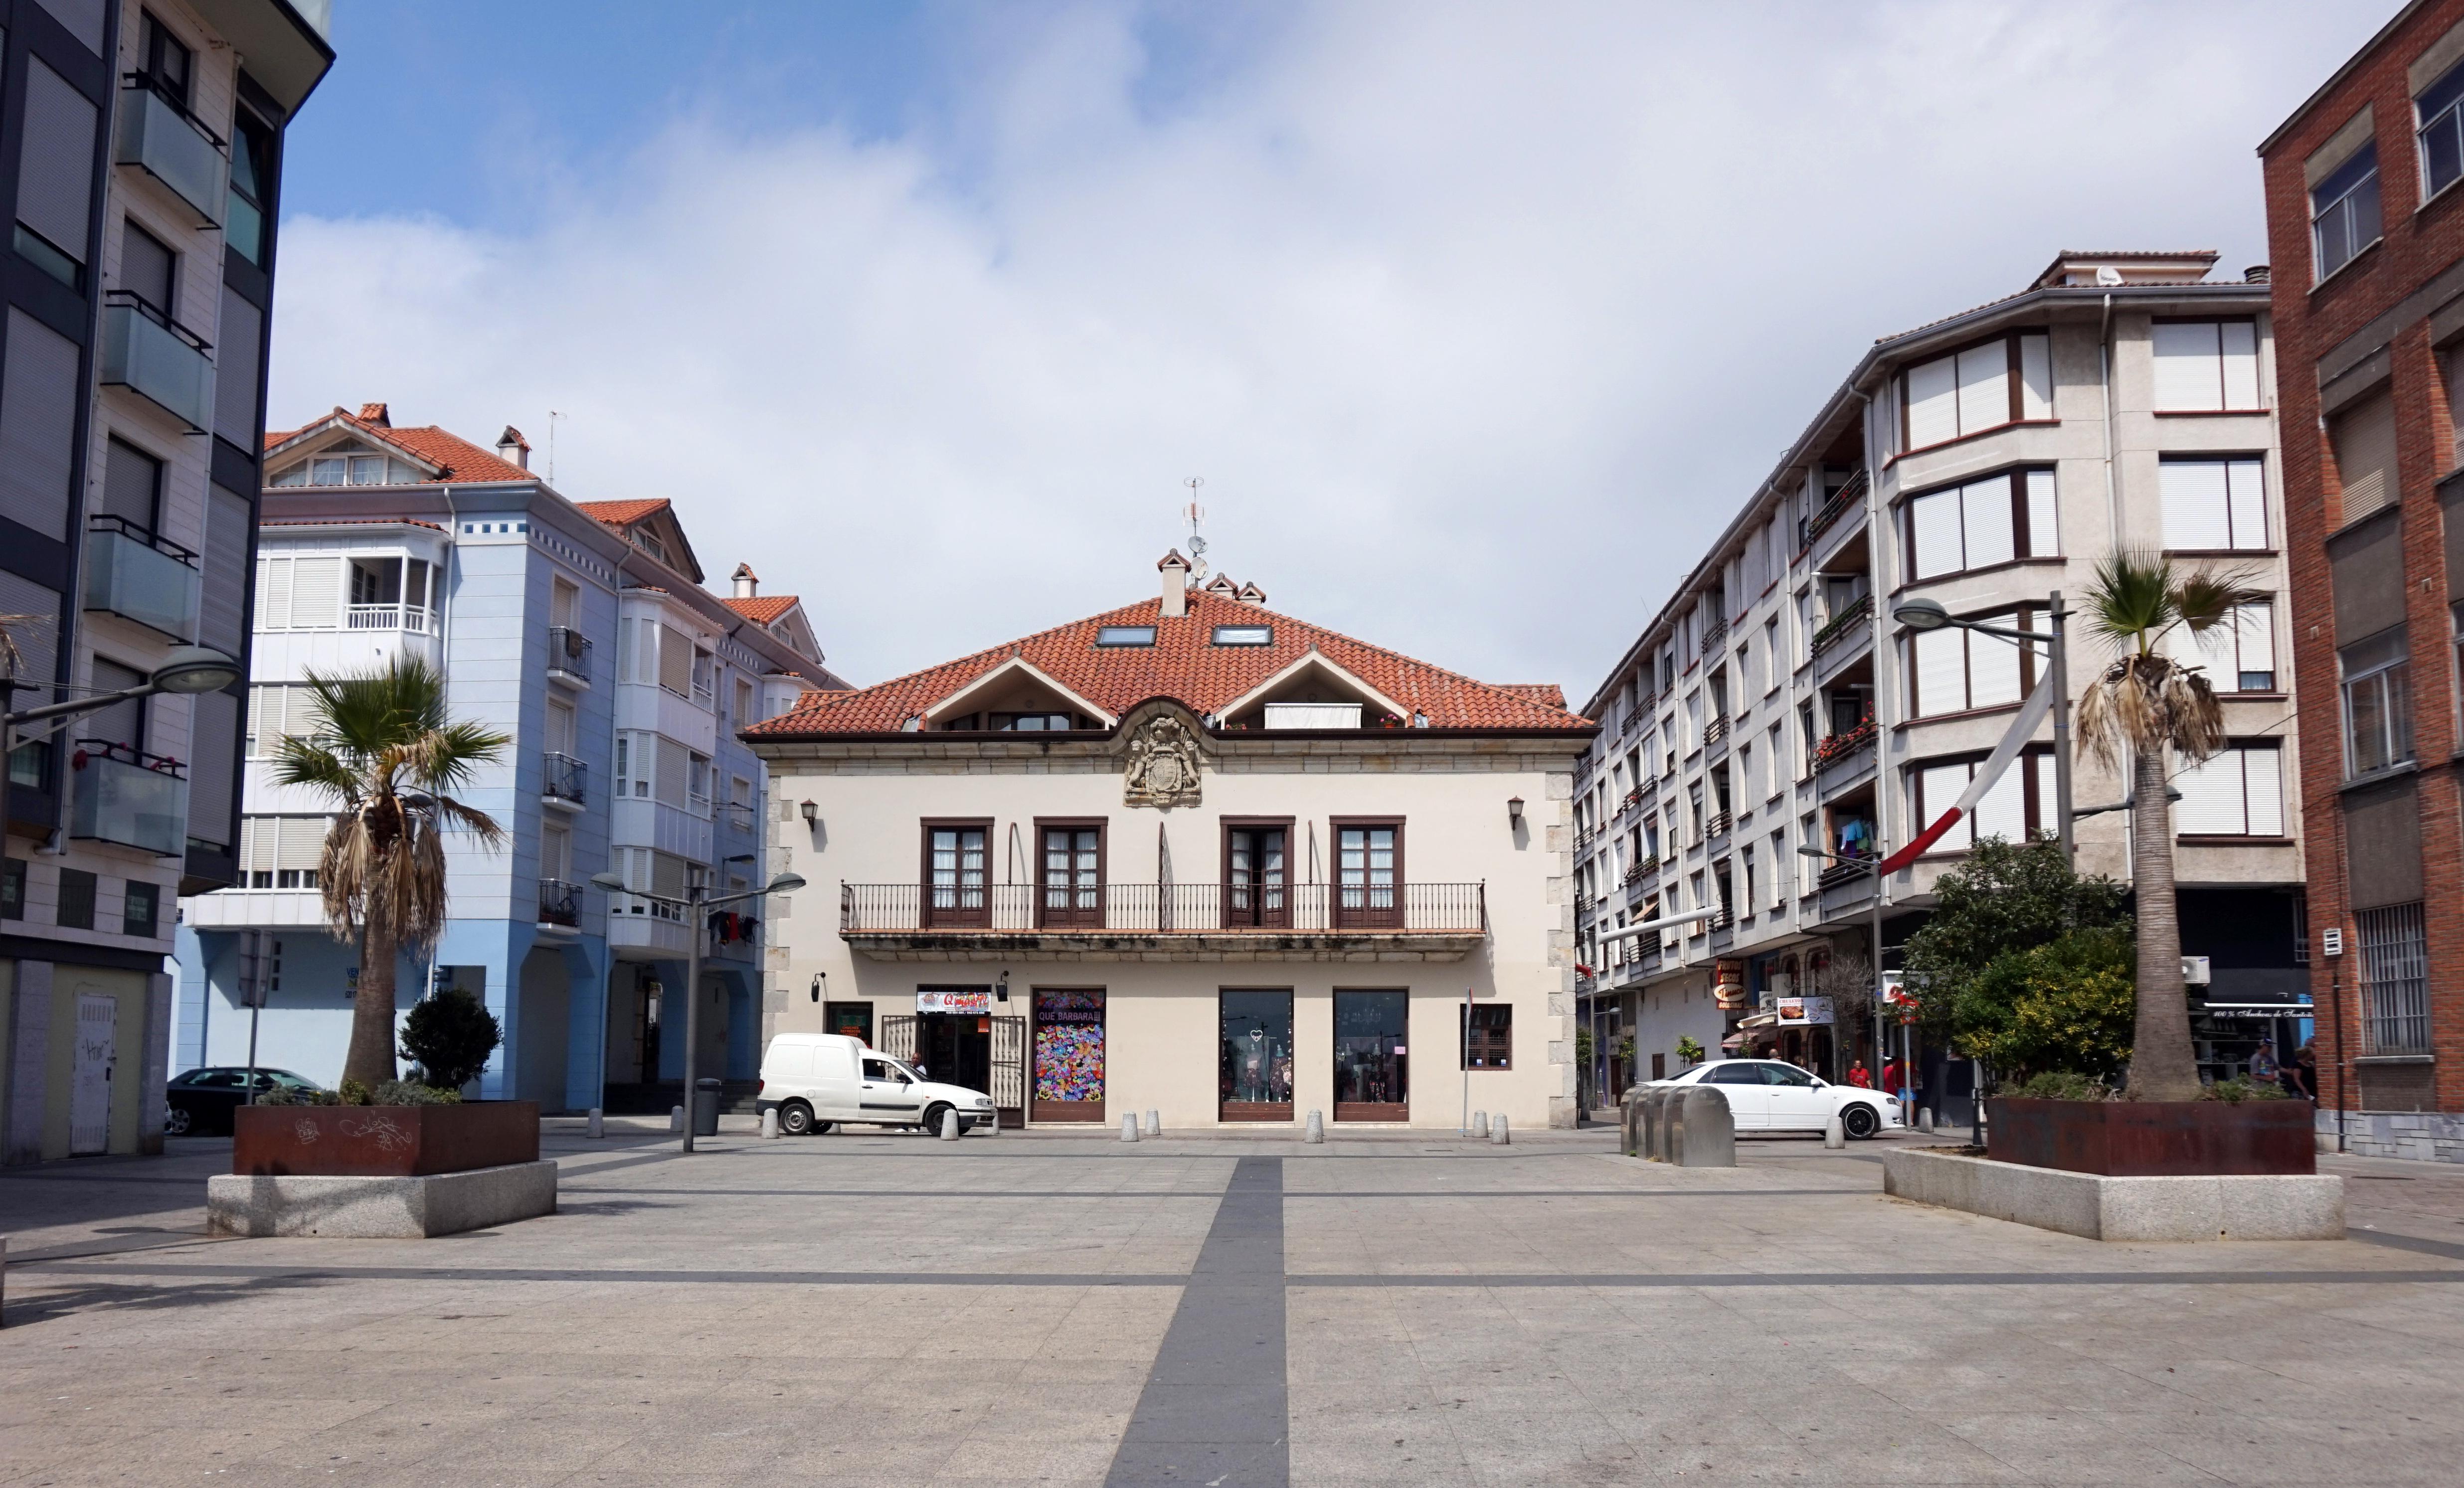 Plaza De La Concordia file:plaza de la concordia 2 - wikimedia commons